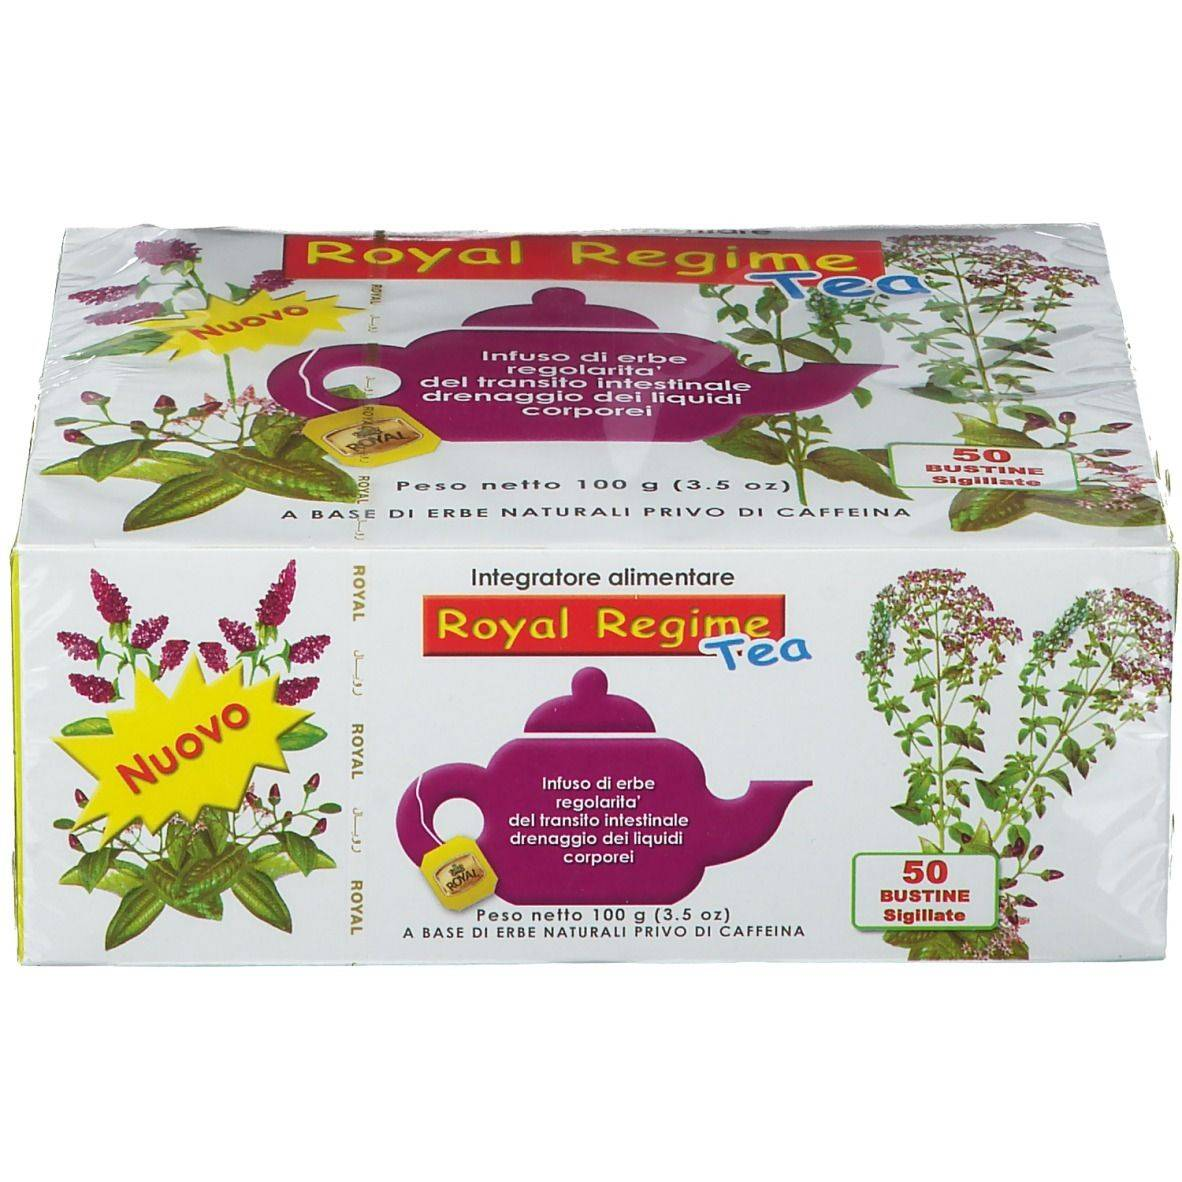 Flora Import Sas Royal Regime Tea 50 pz Sacchetto filtro